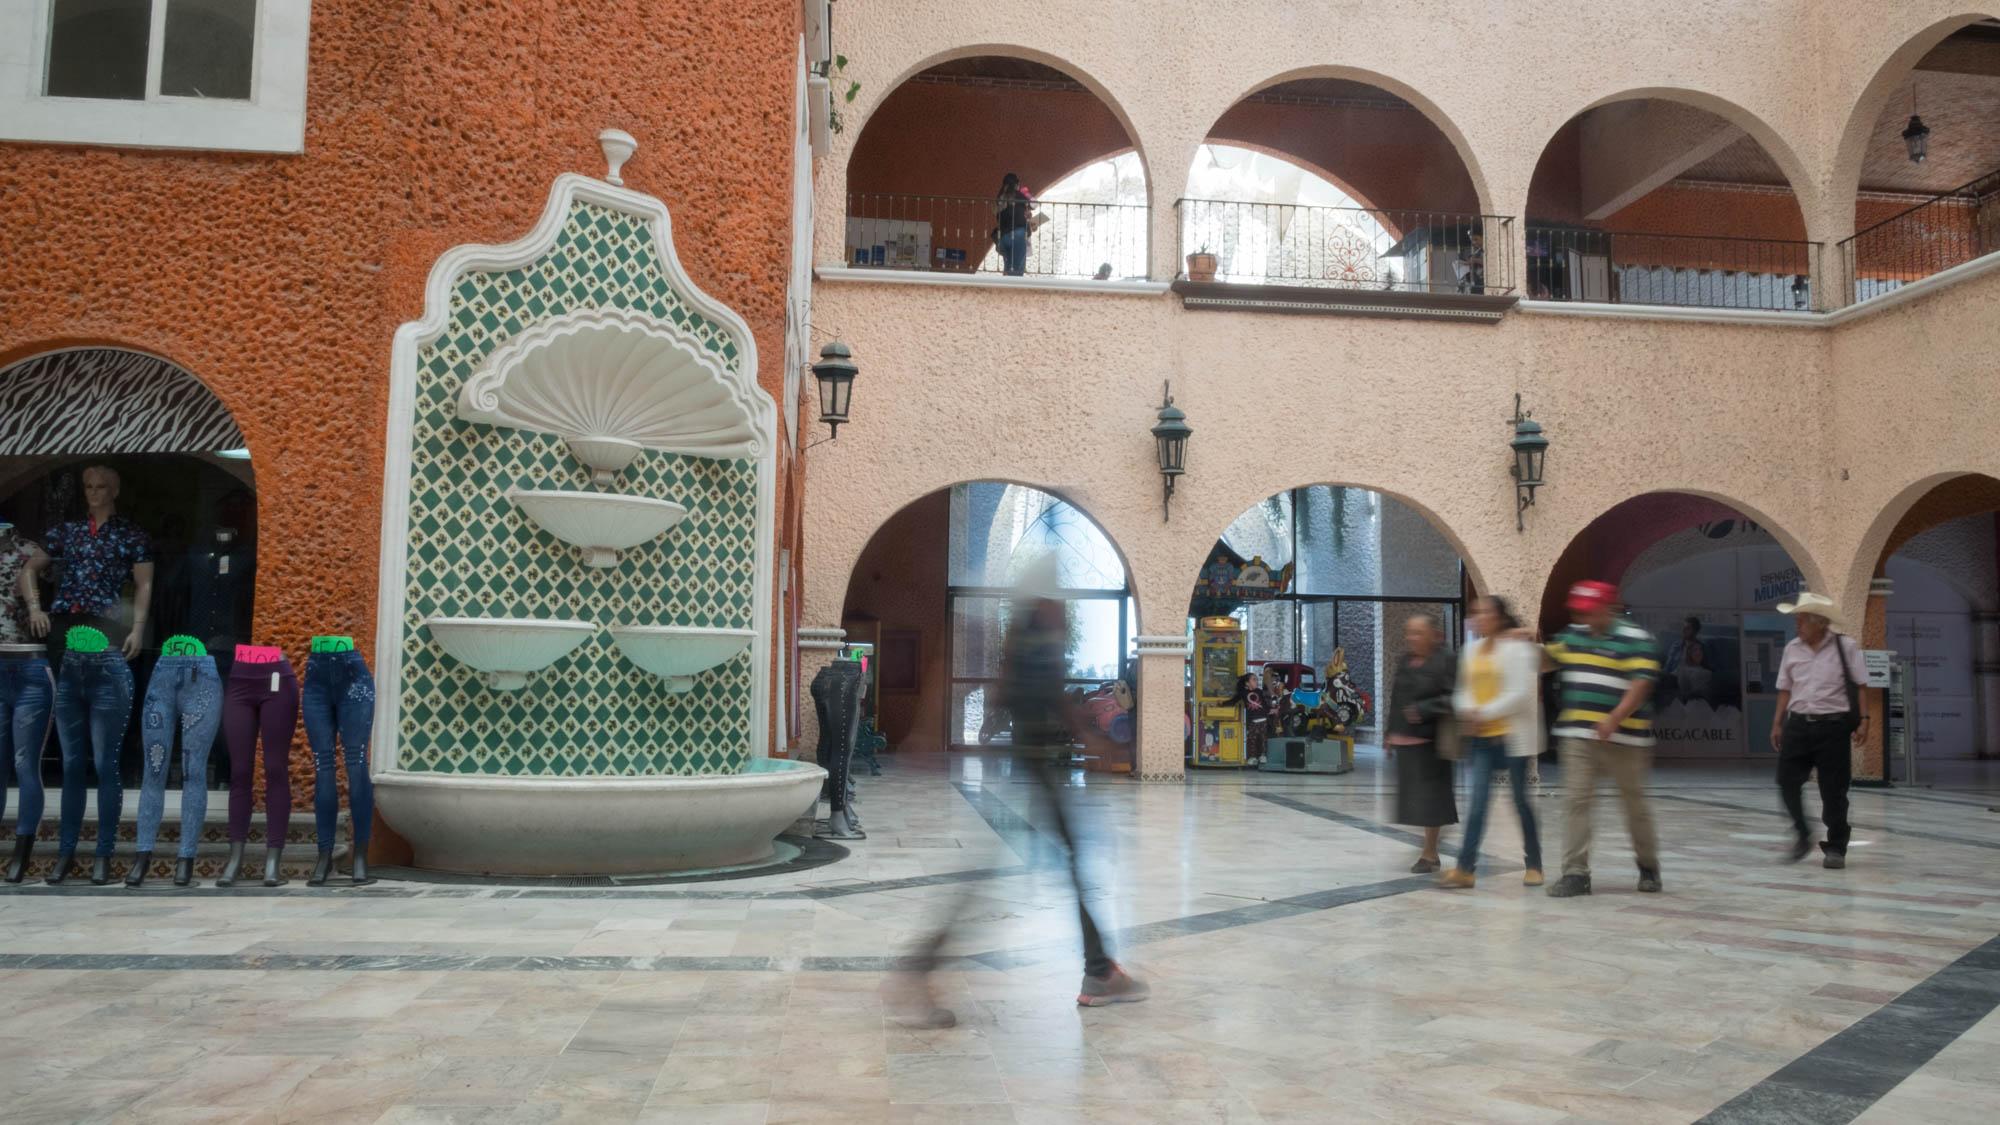 Mexico_SMA_Plaza el Real del Conde (10 of 39).jpg